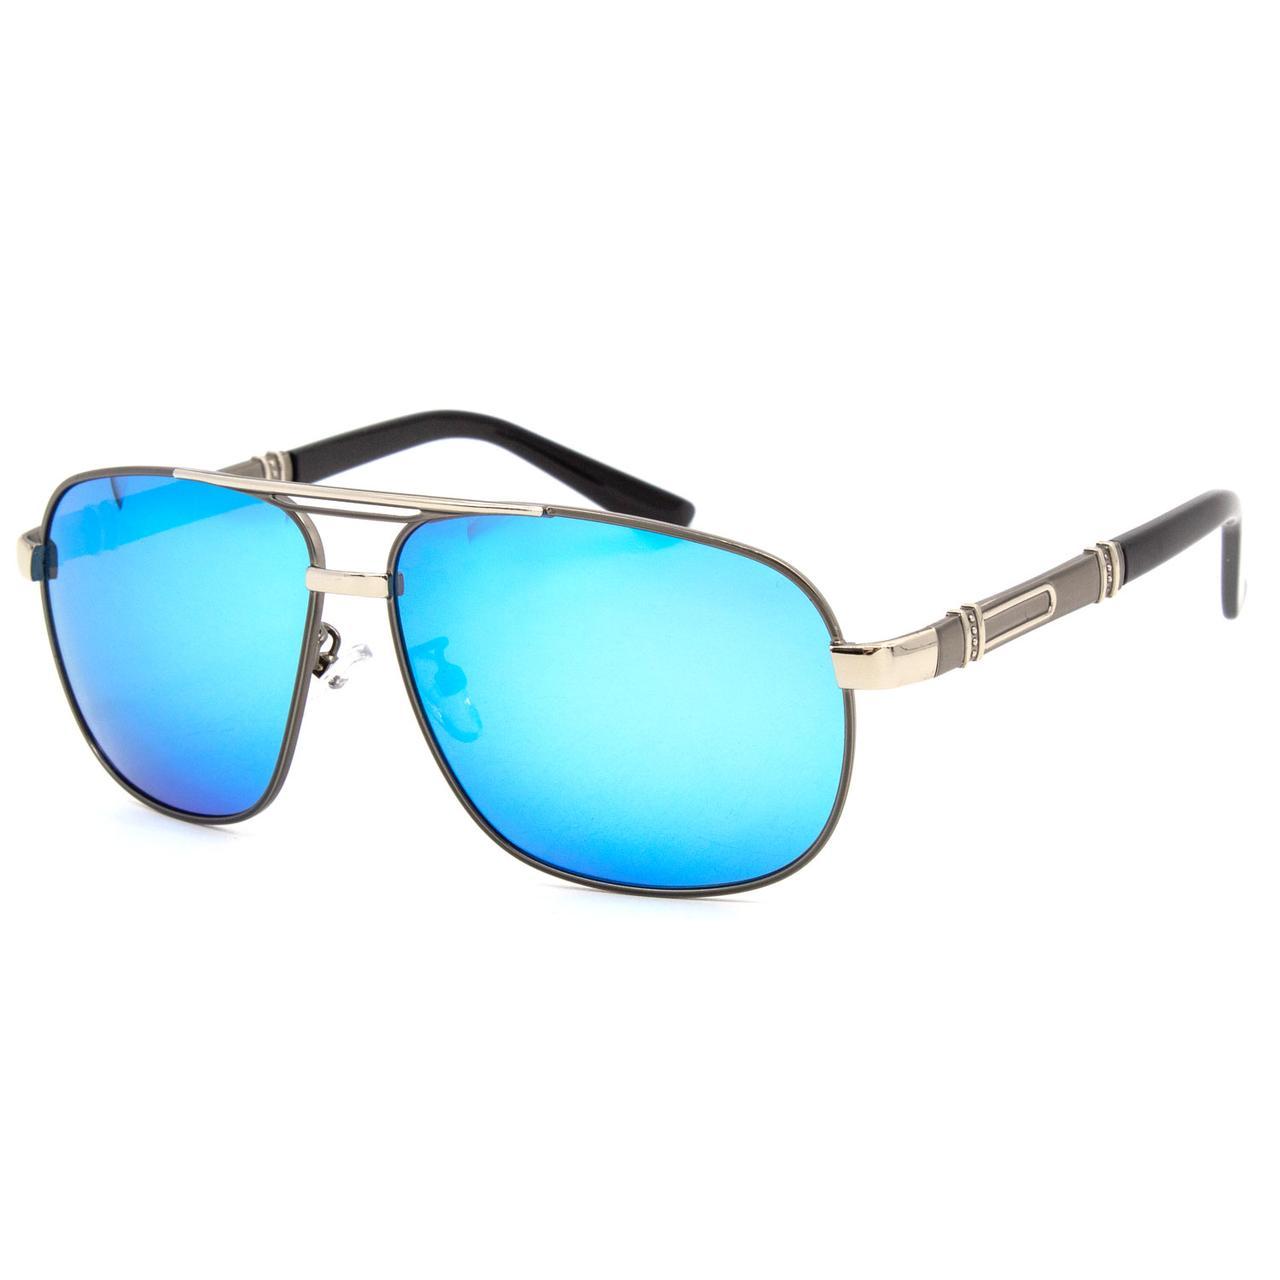 Солнцезащитные очки Marmilen Polar 960 C5 зеркало    ( 0960-05 )